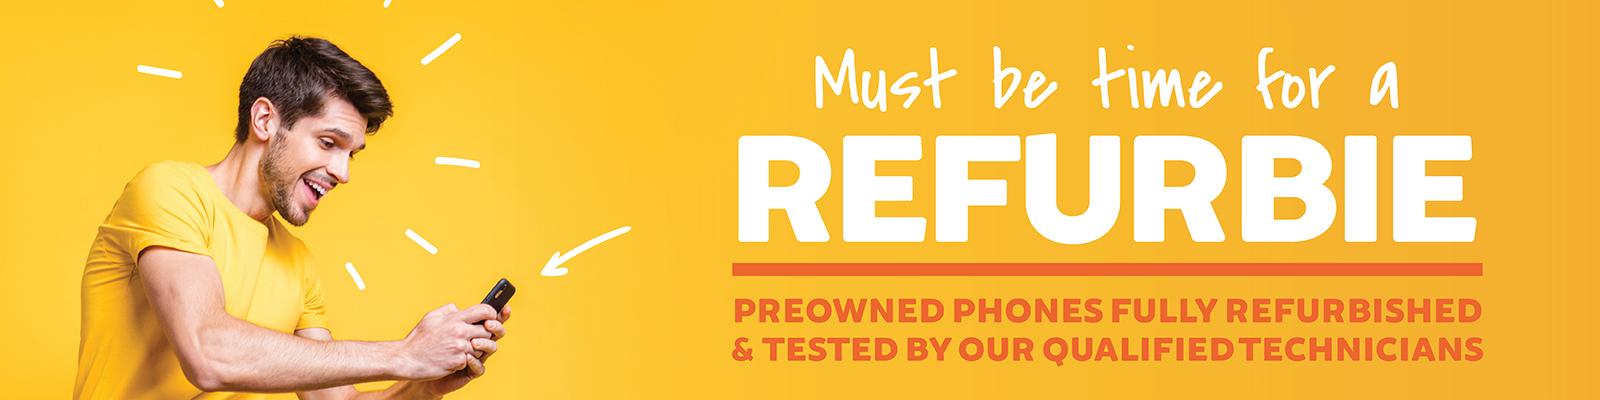 Refurbished/Pre-Owned Phones